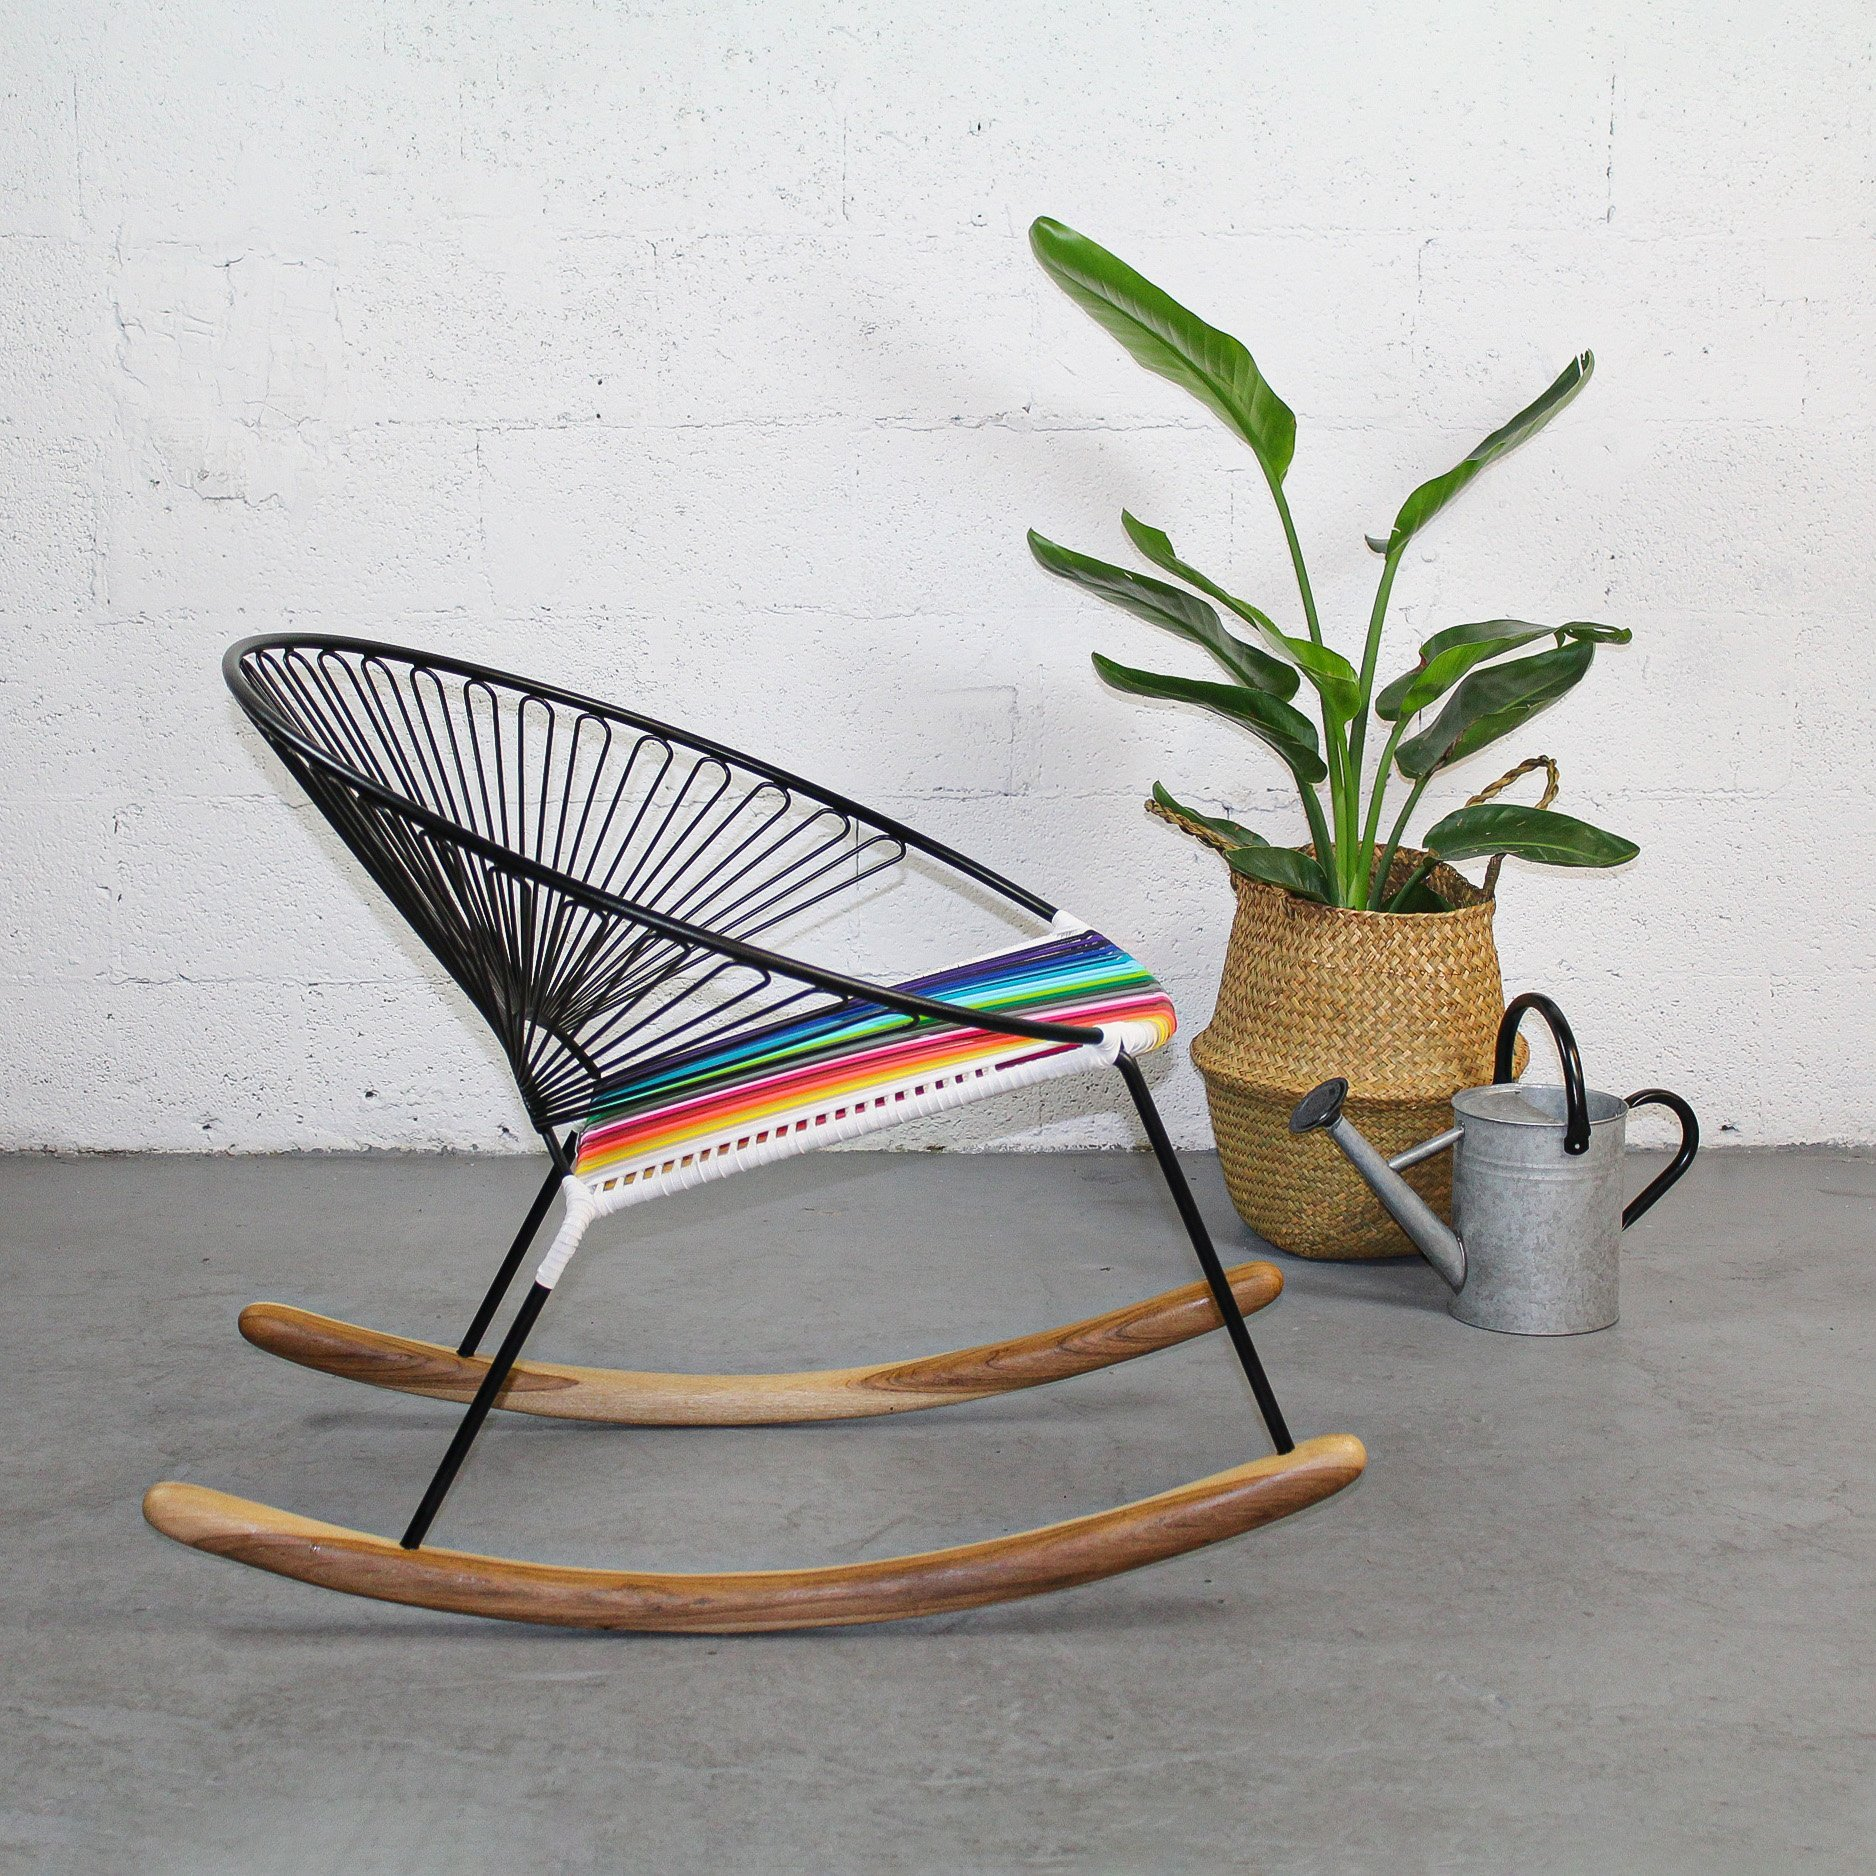 La Purohierro Recolorinche Rocking Chair